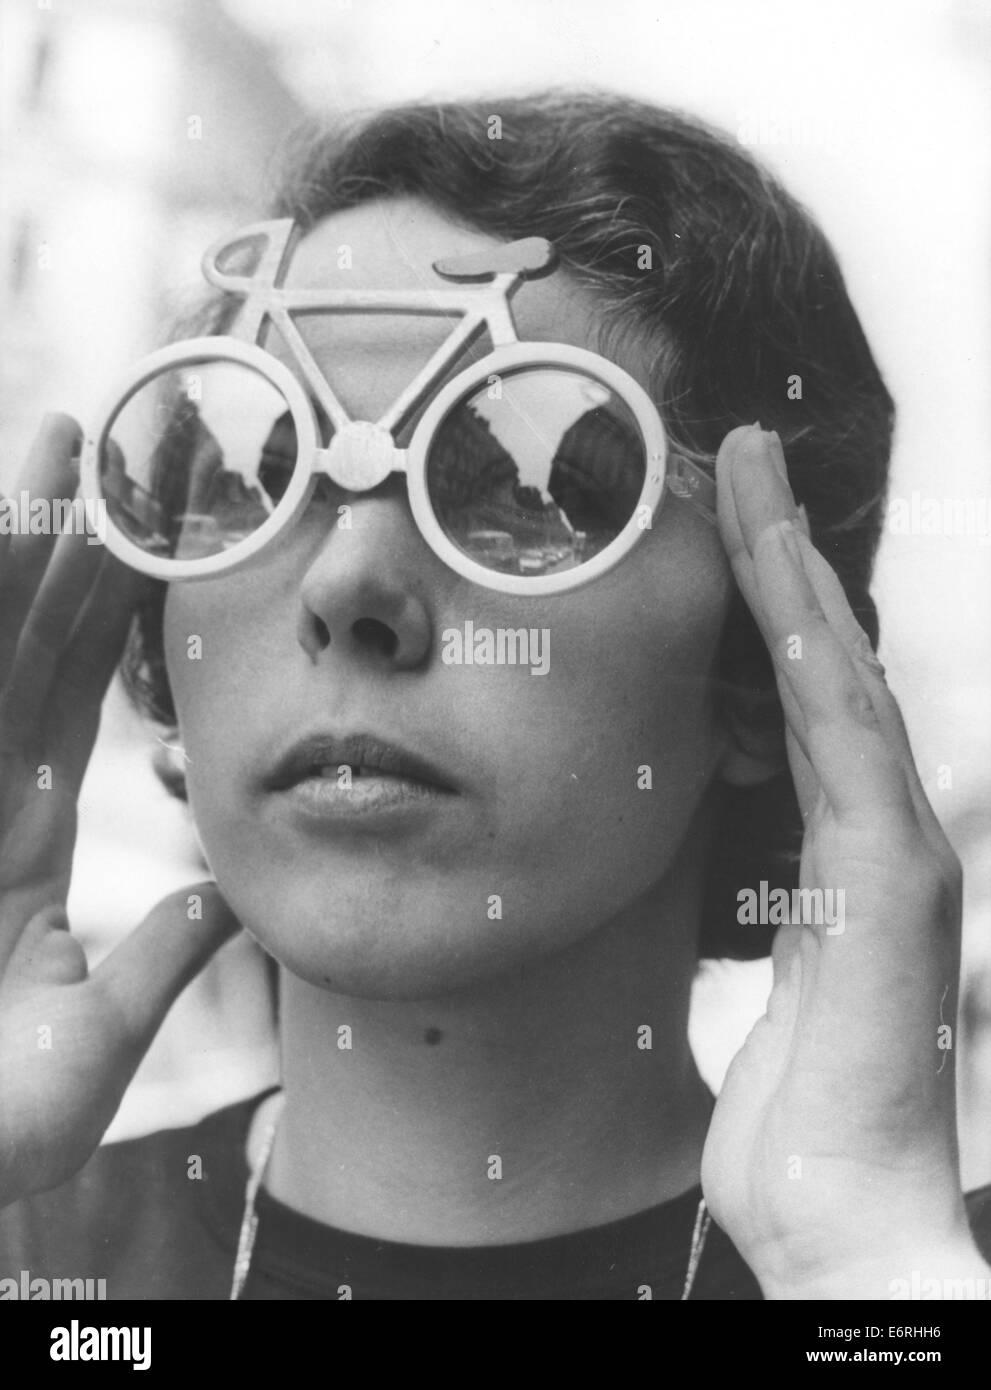 Paris, France. Mar 20, 1970. Les modèles d une femme en forme de lunettes  de vélo de course conçu par un opticien belge pour les jeunes femmes dans  l espoir ... 64484d2608a3